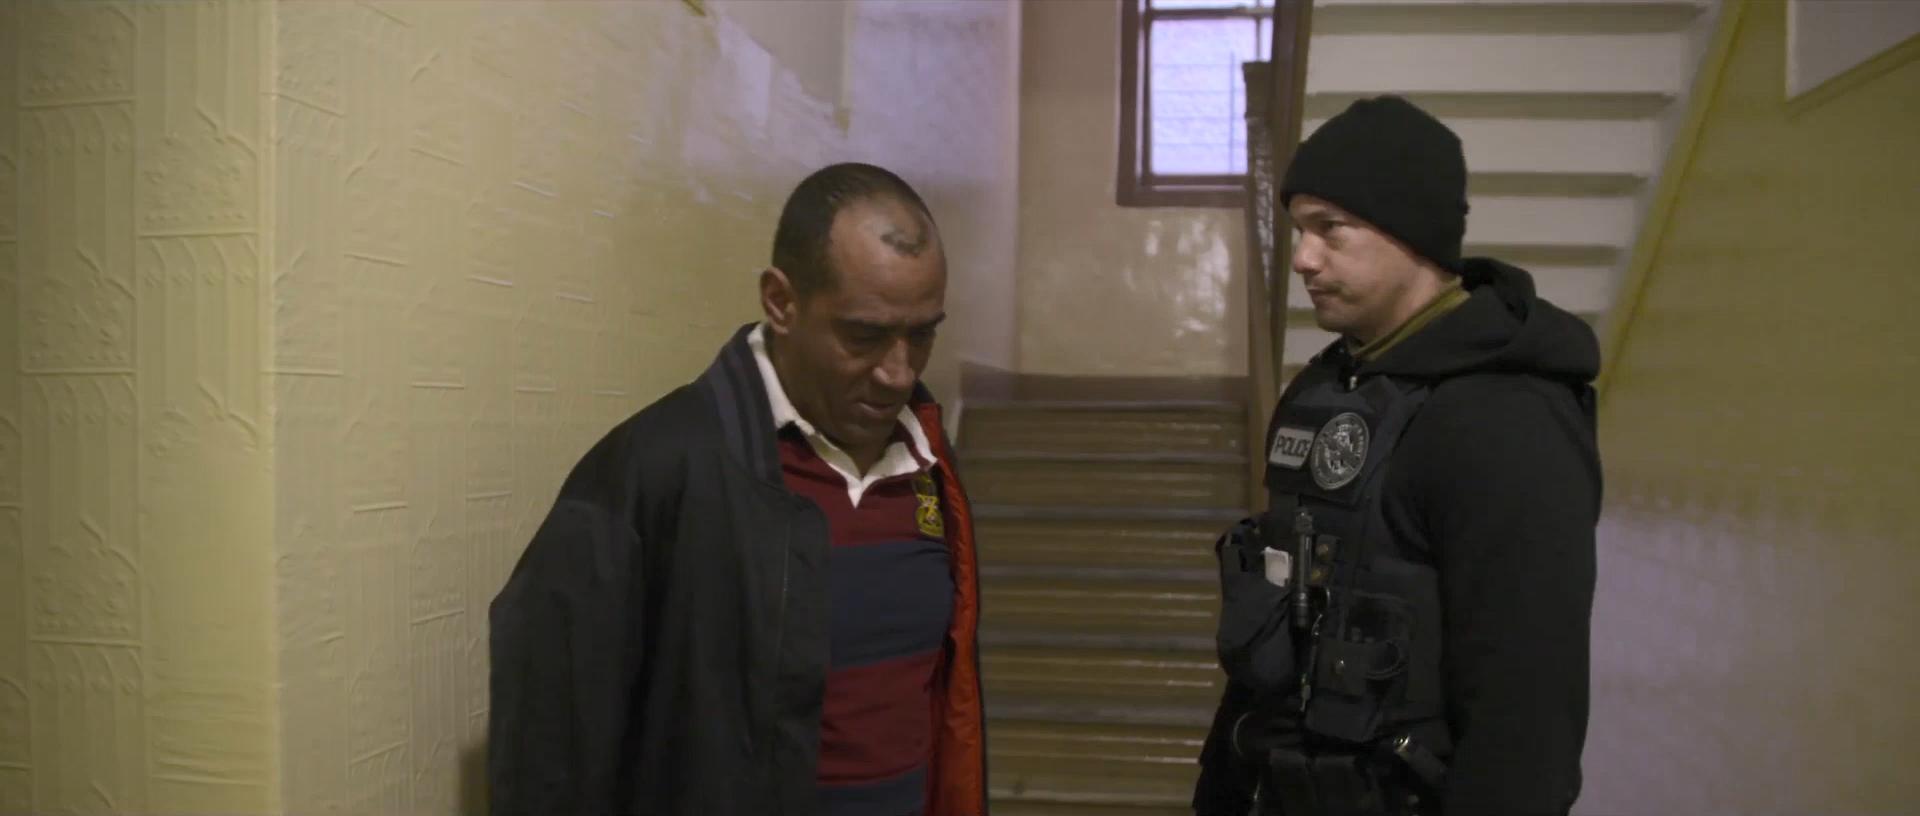 Изображение для Нация иммигрантов / Immigration Nation, Сезон 1, Серии 1-6 из 6 (2020) WEBRip 1080p (кликните для просмотра полного изображения)